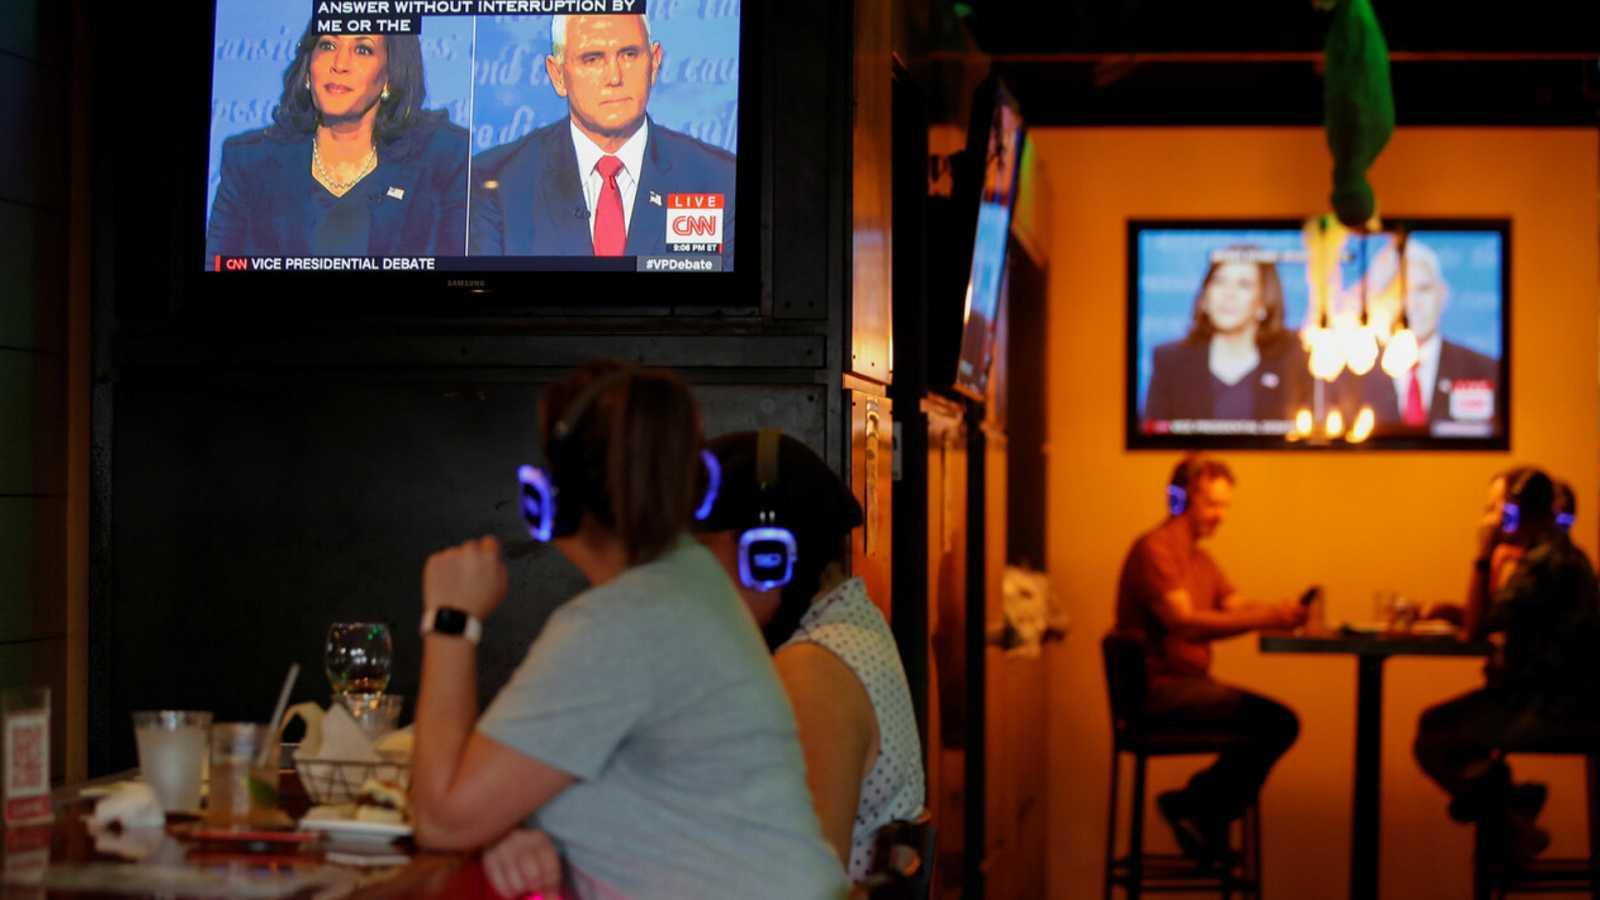 Especial informativo - Pre-debate vicepresidencial elecciones EE.UU - ver ahora